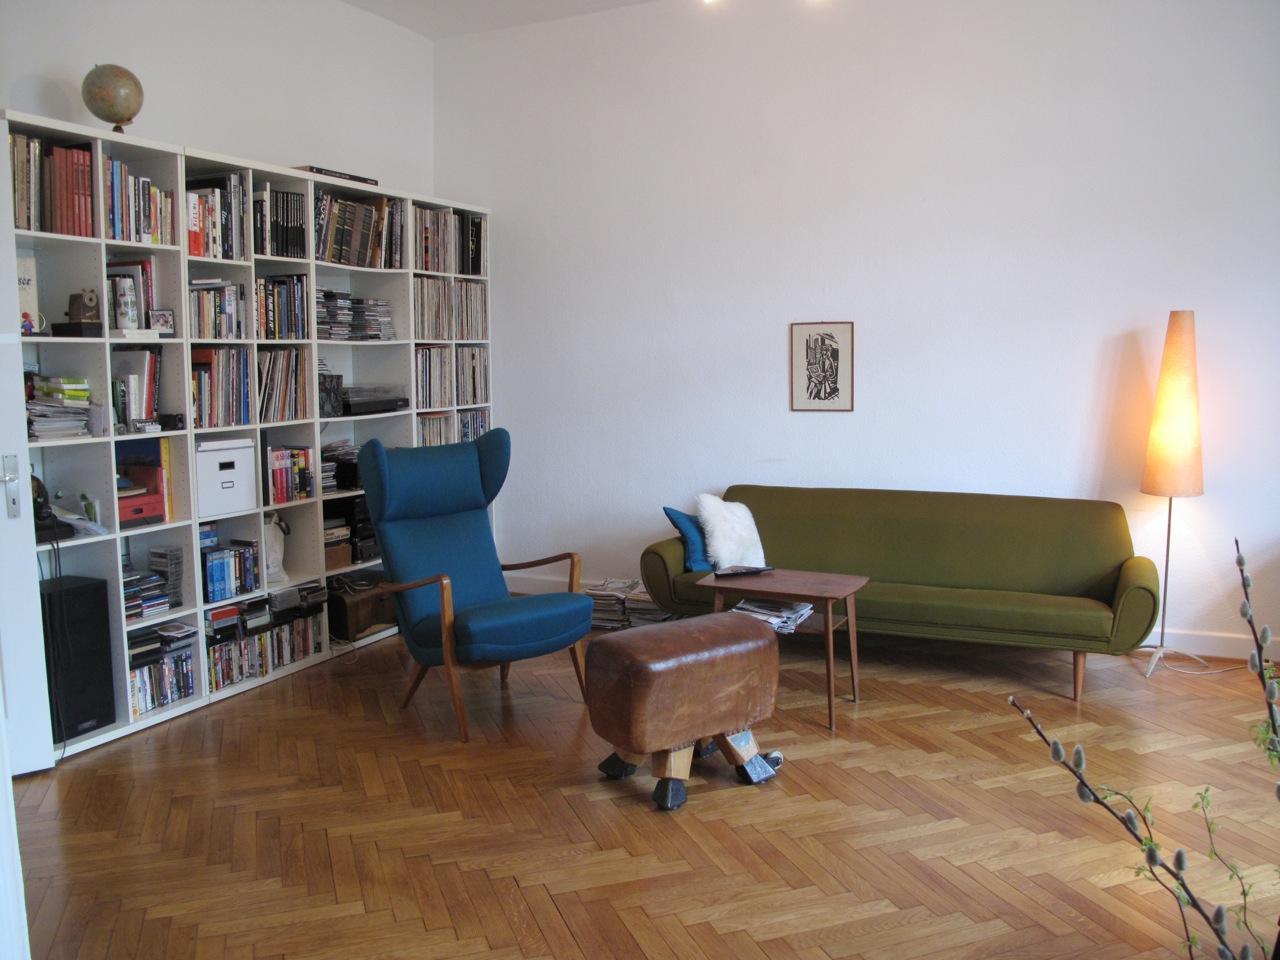 Ohrensessel Und Sprung Bock Hocker Im Wohnzimmer #vintage #ohrensessel  #grünessofa ©